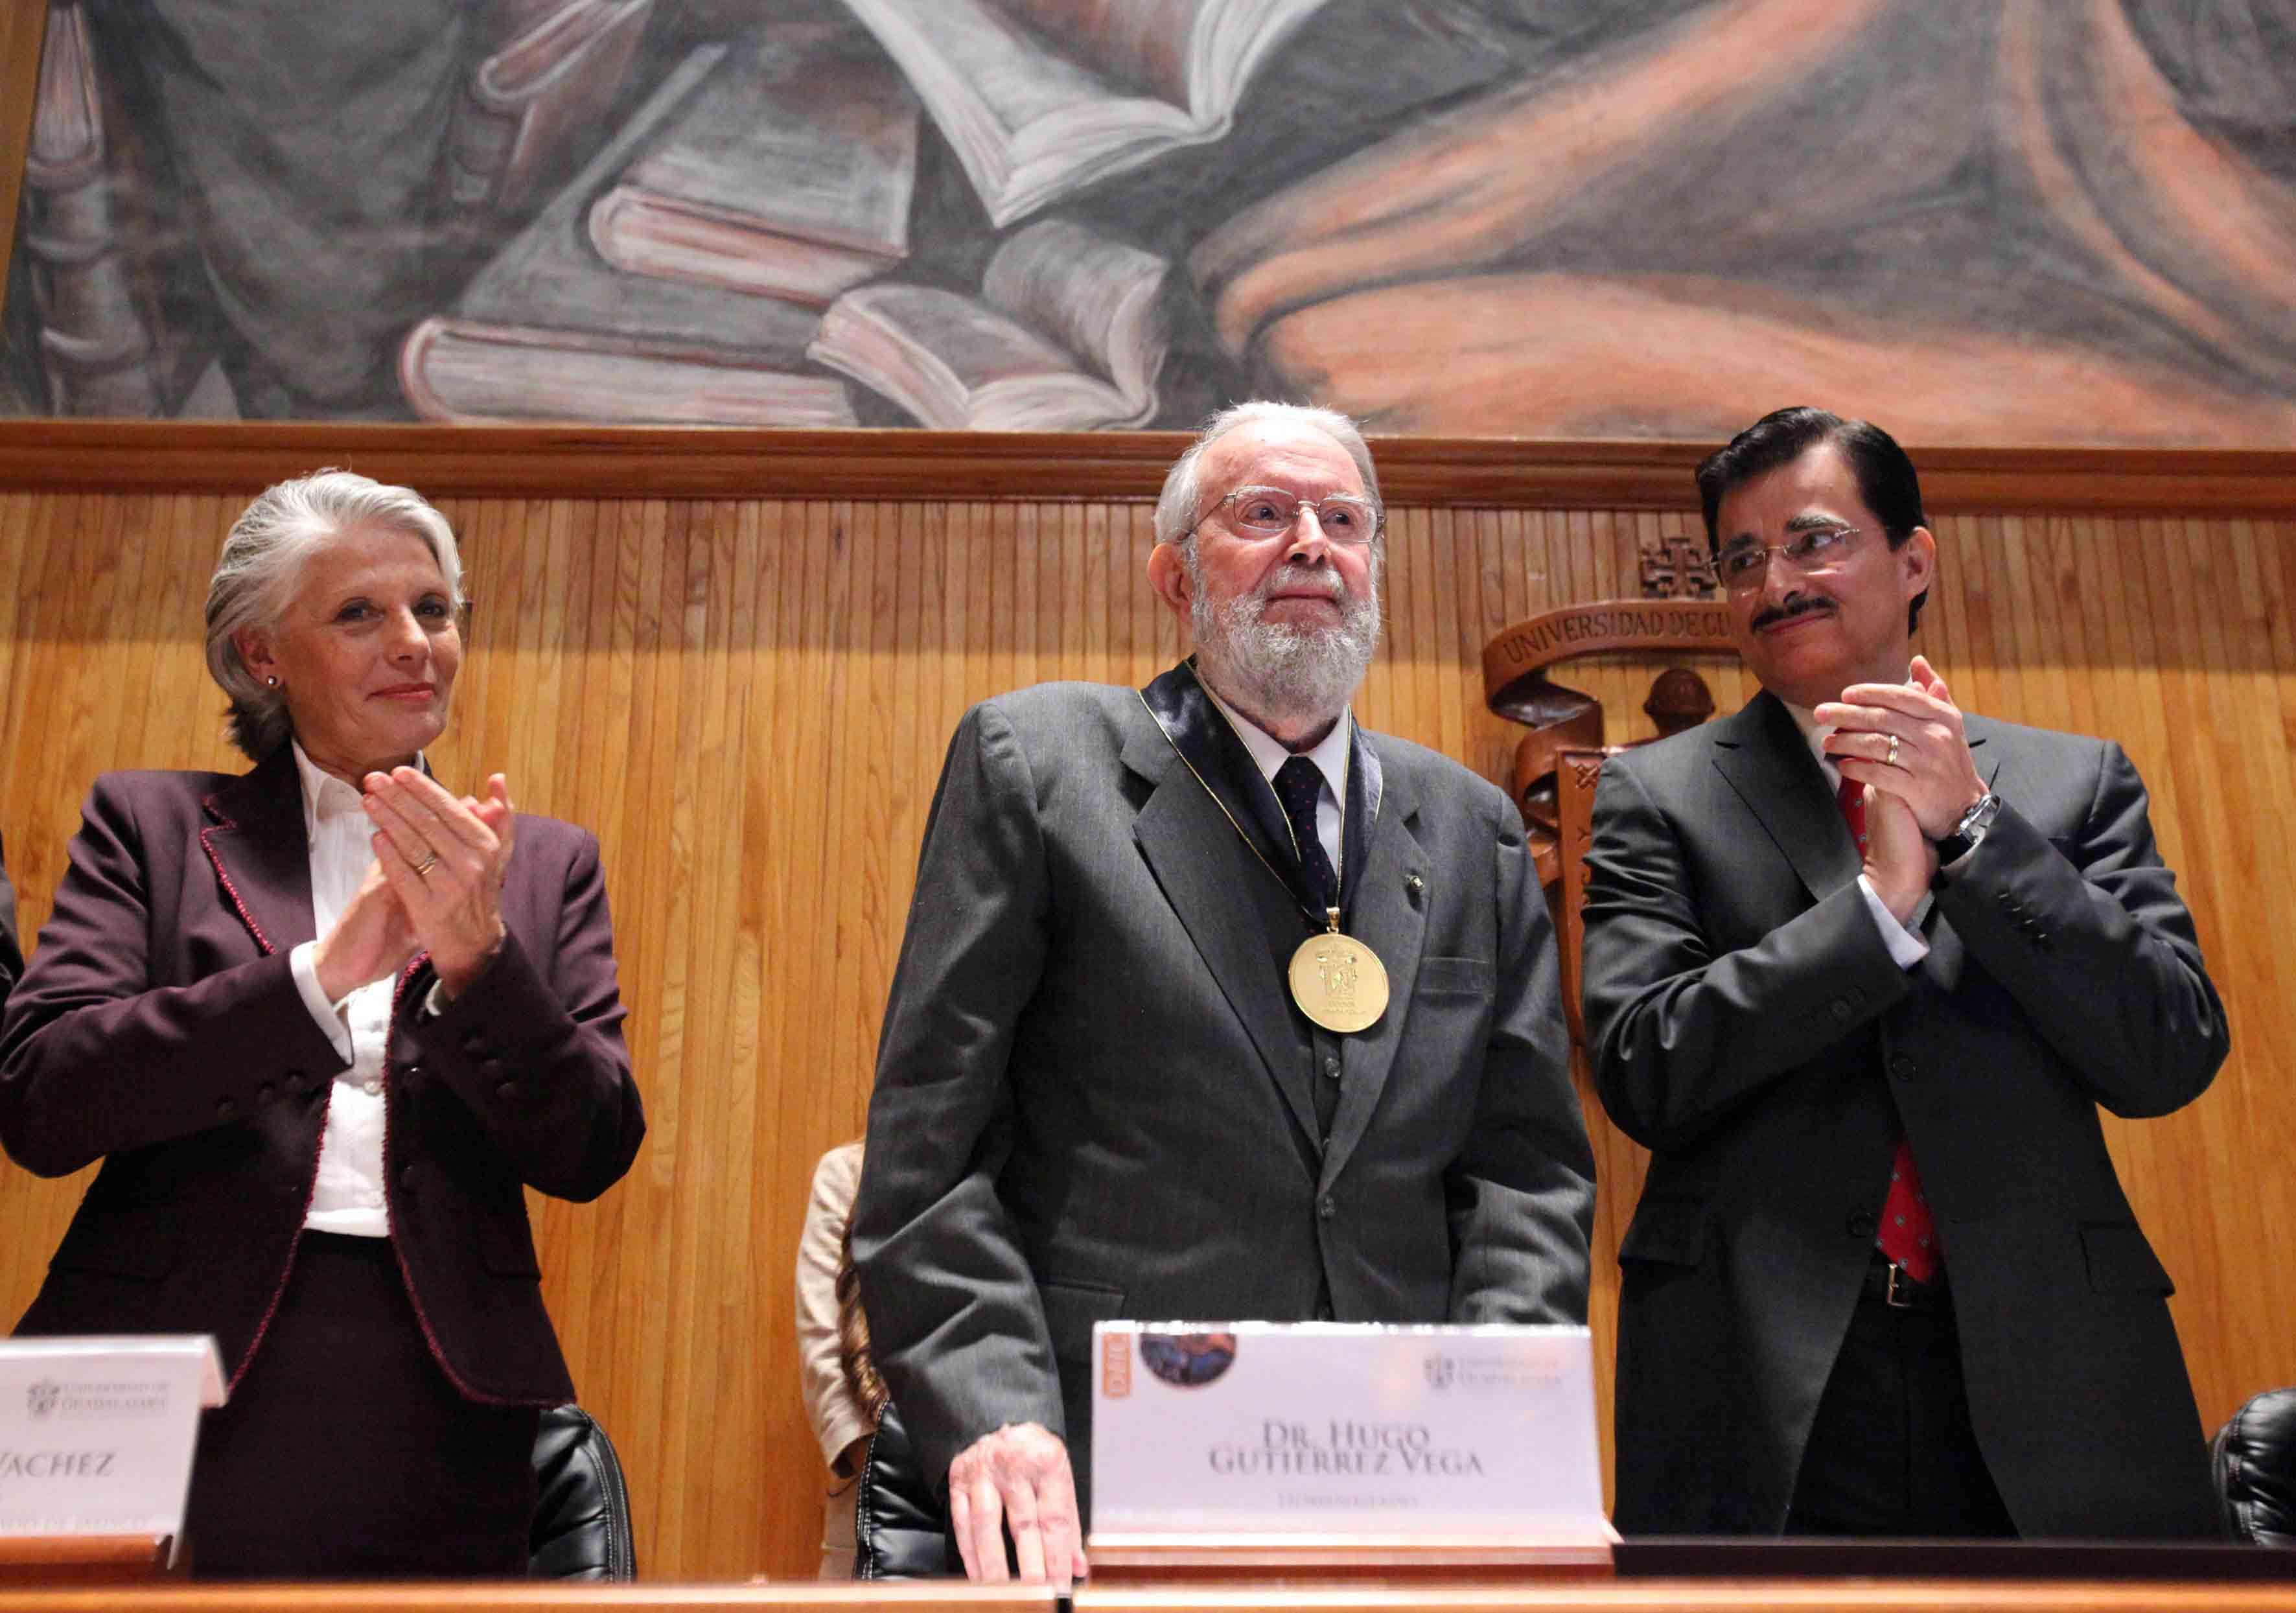 Doctor Honoris Hugo Gutiérrez Vega